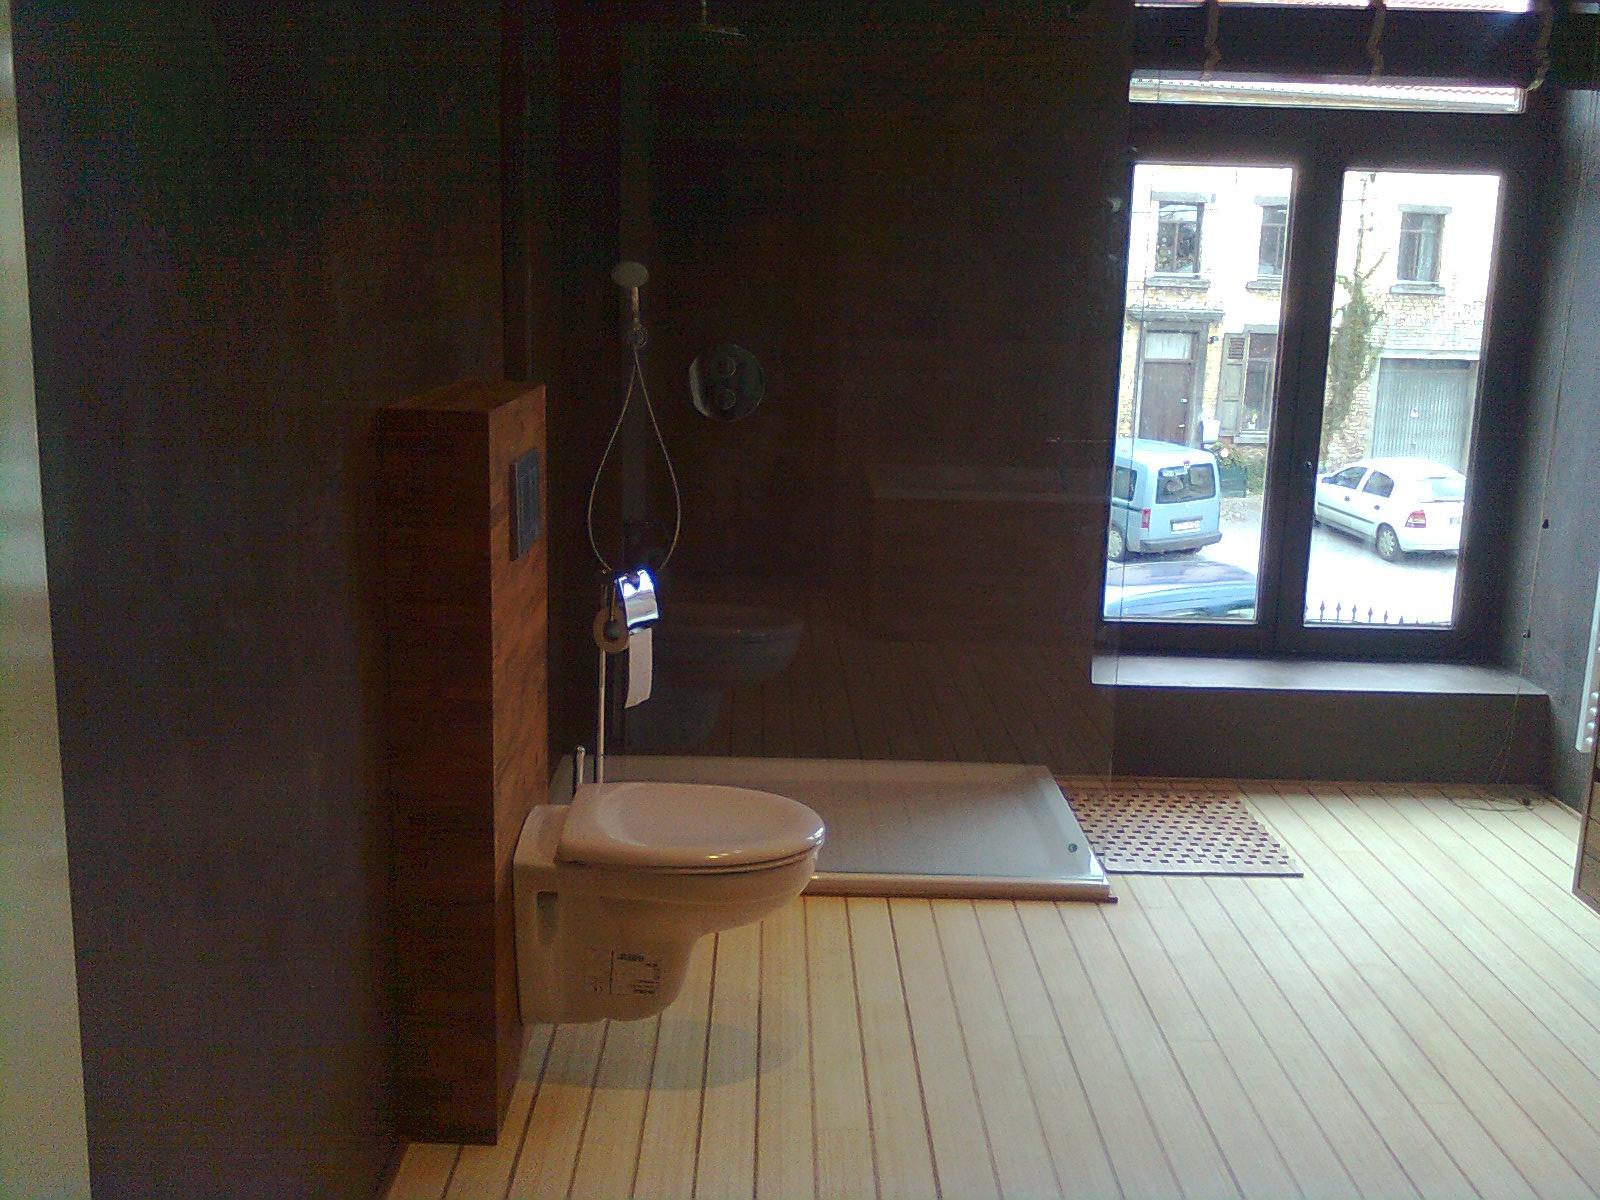 Parquet salle de bain maison moderne for Parquet salle bain